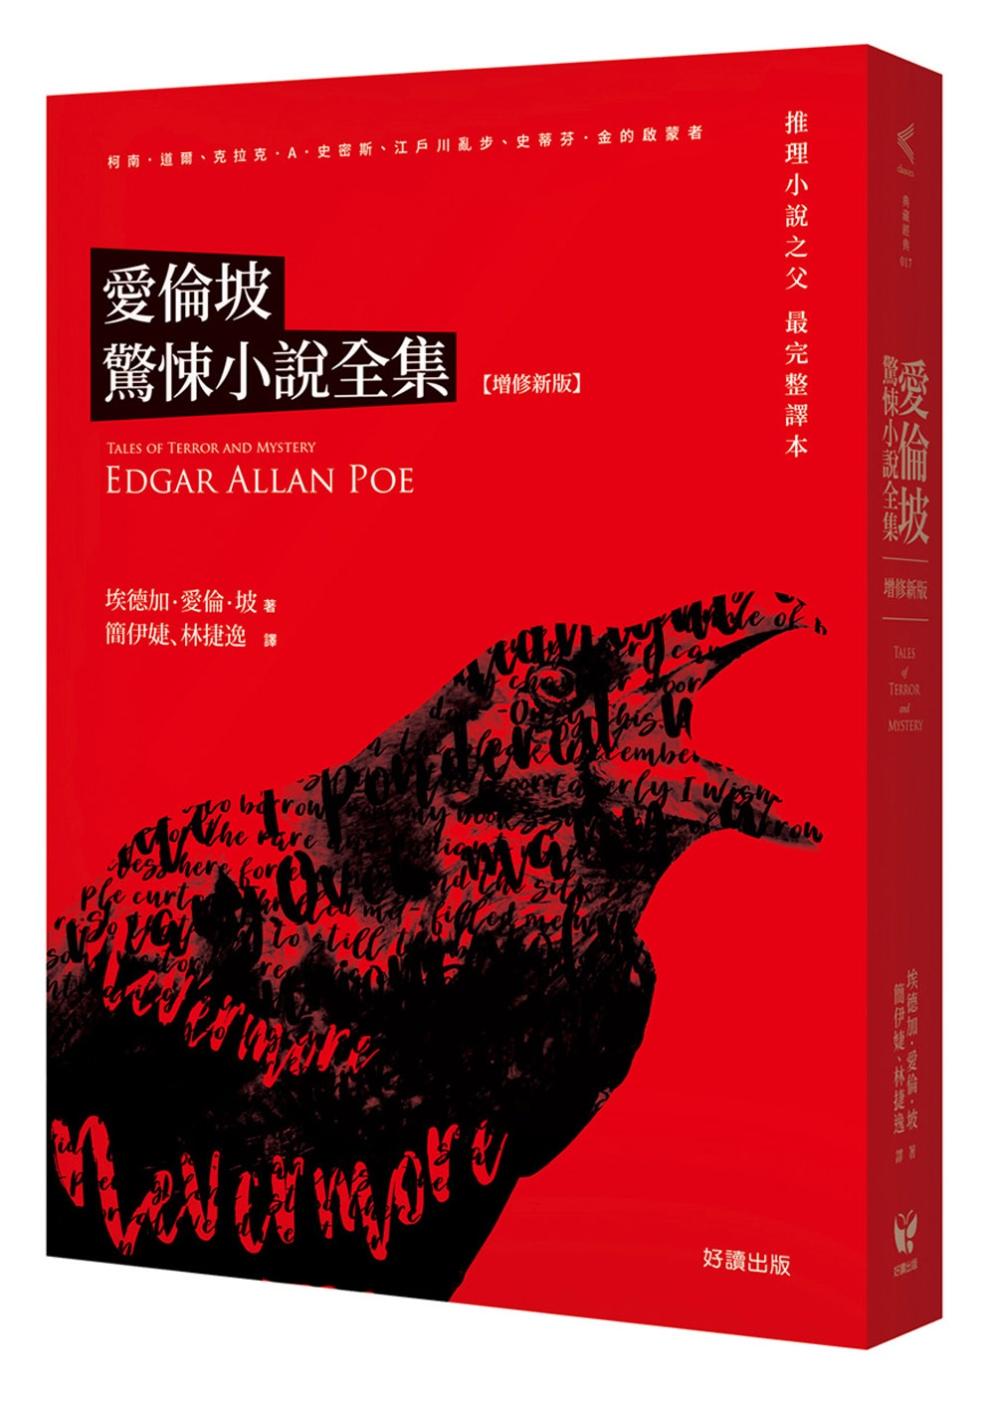 愛倫坡驚悚小說全集【增修新版】